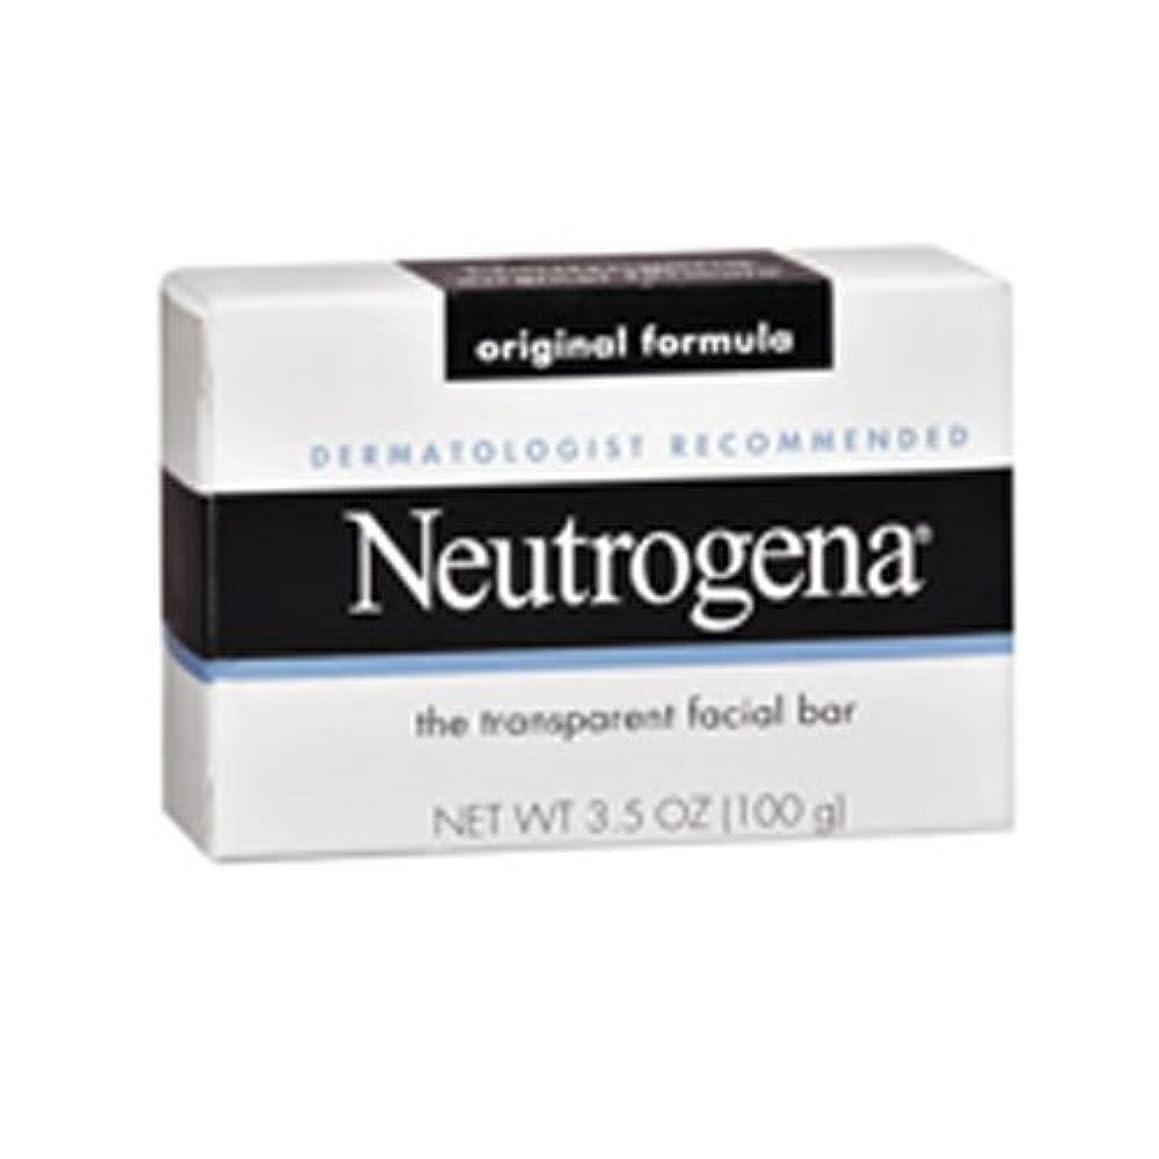 軽カロリー流行海外直送肘 Neutrogena Transparent Facial Soap Bar, 3.5 oz